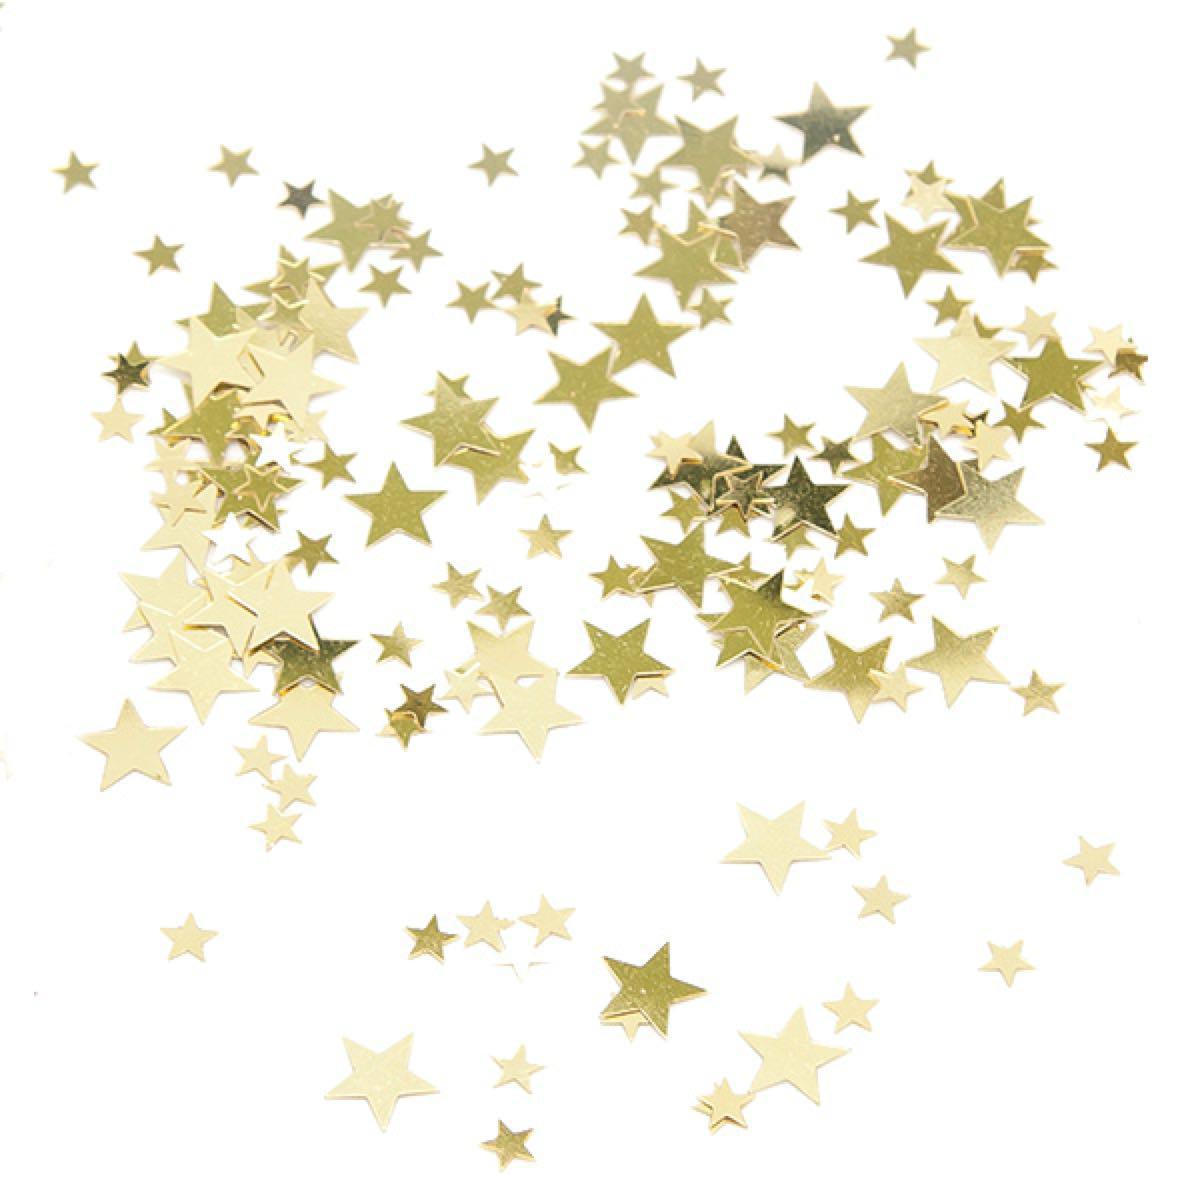 Clipart star confetti. Gold clip art transprent